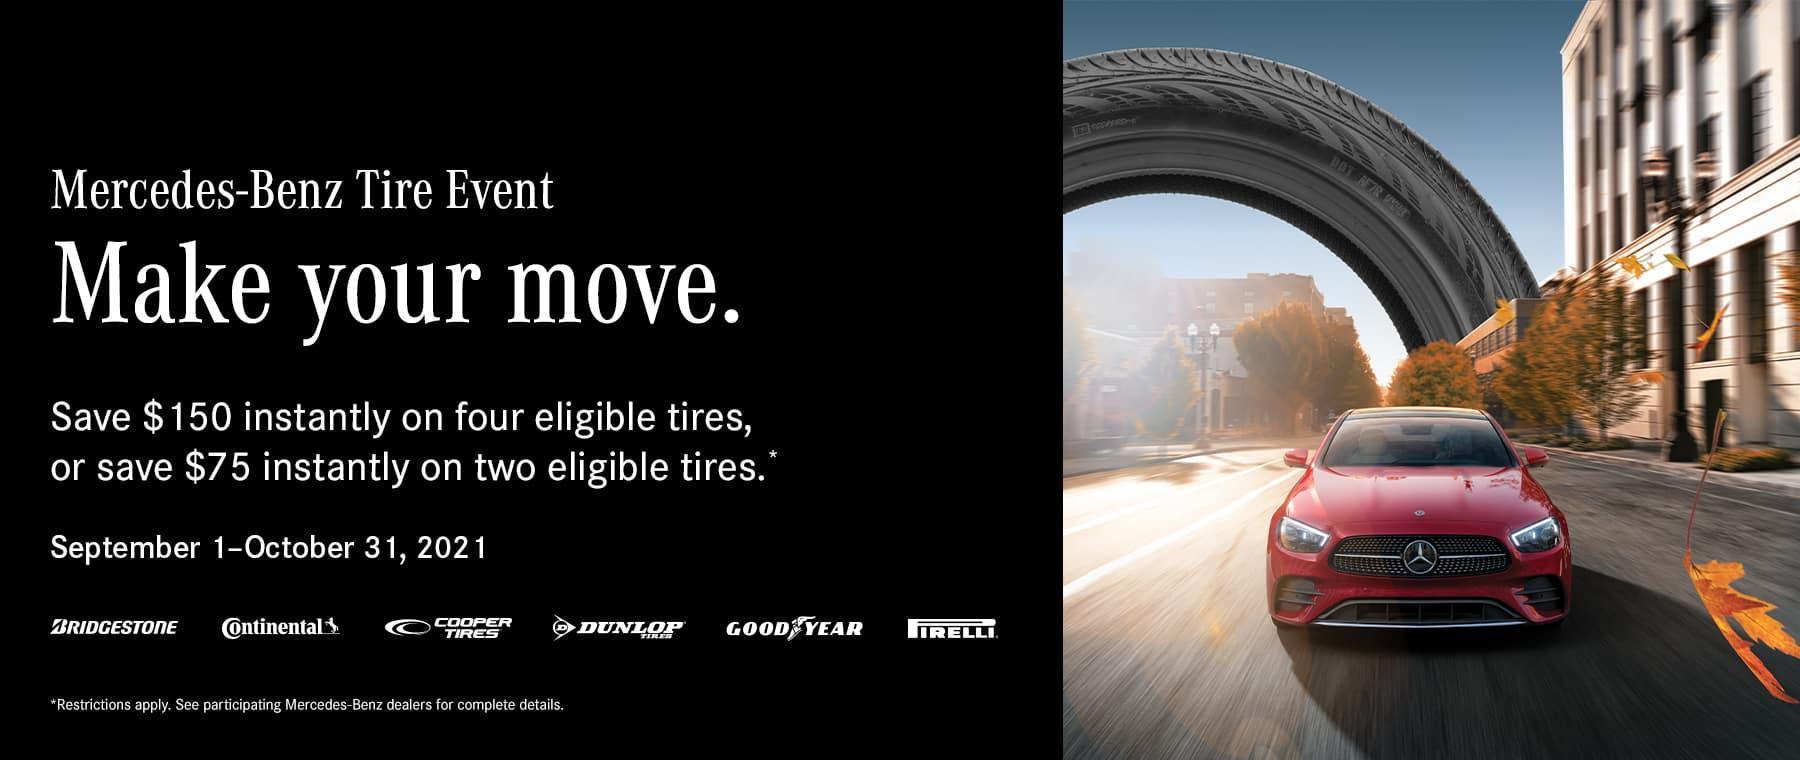 Mercedes-Benz of Beaverton Mercedes tire specials